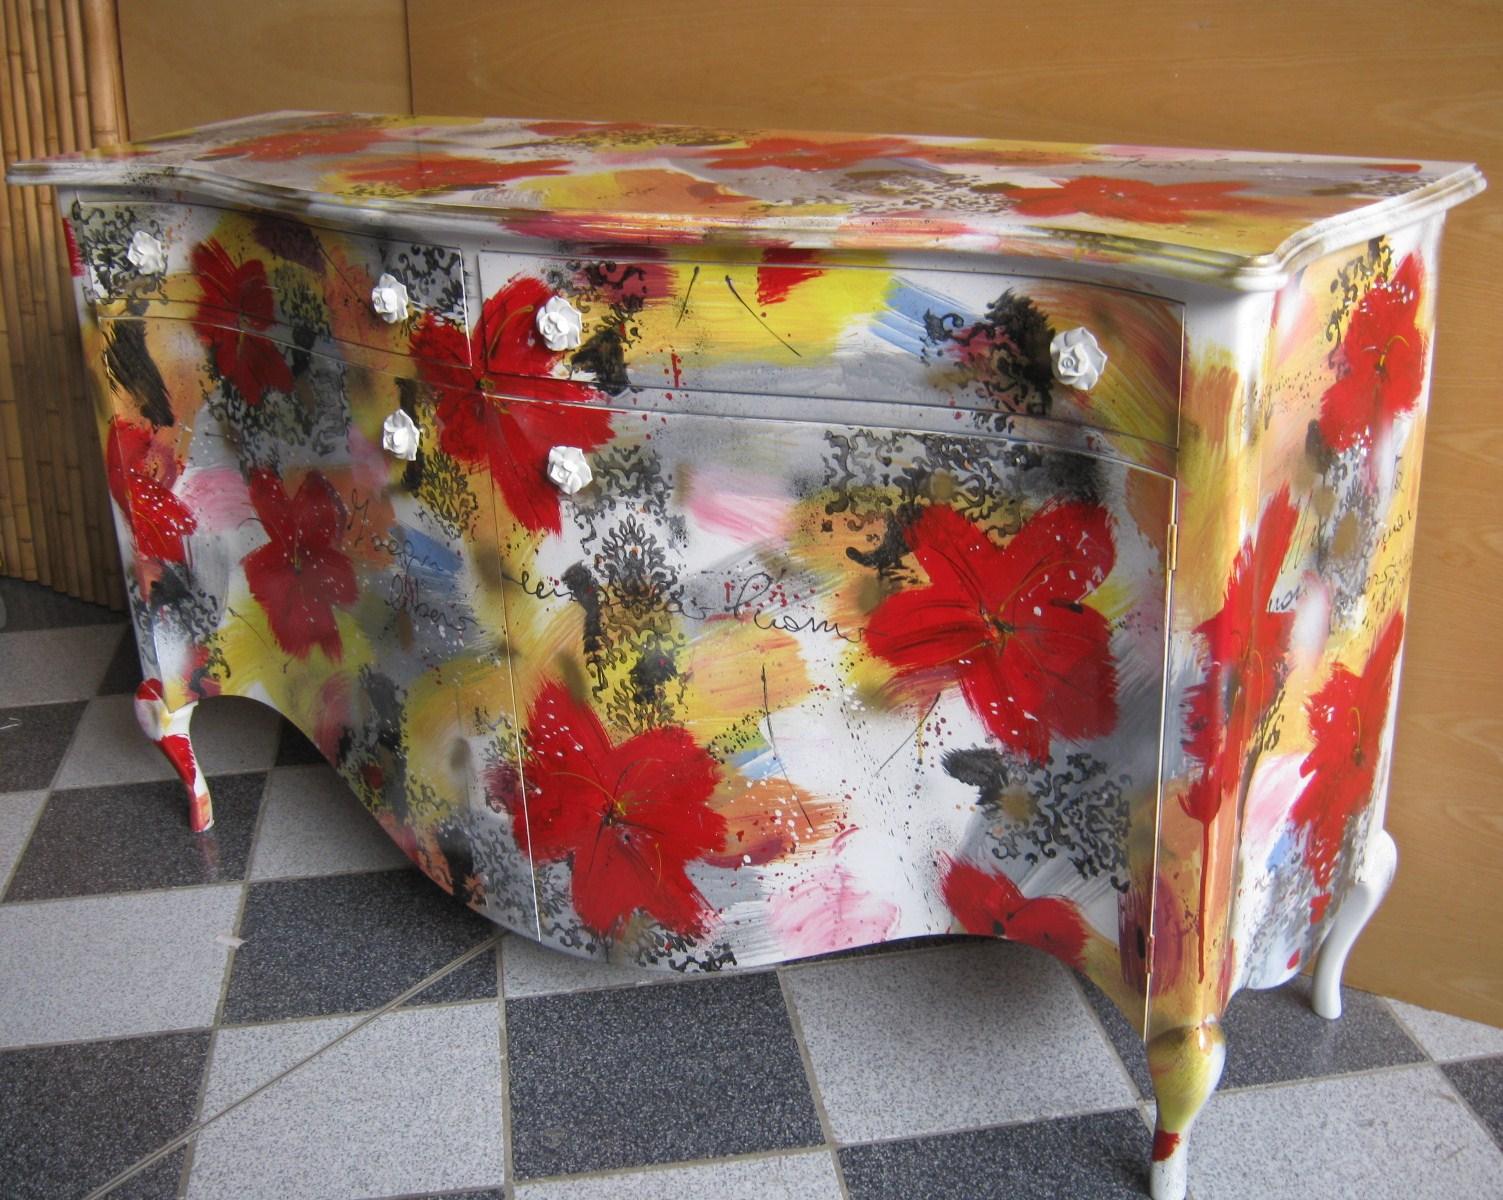 Arredi e mobili originali dipinti a mano arredamenti colorati for Mobili colorati design